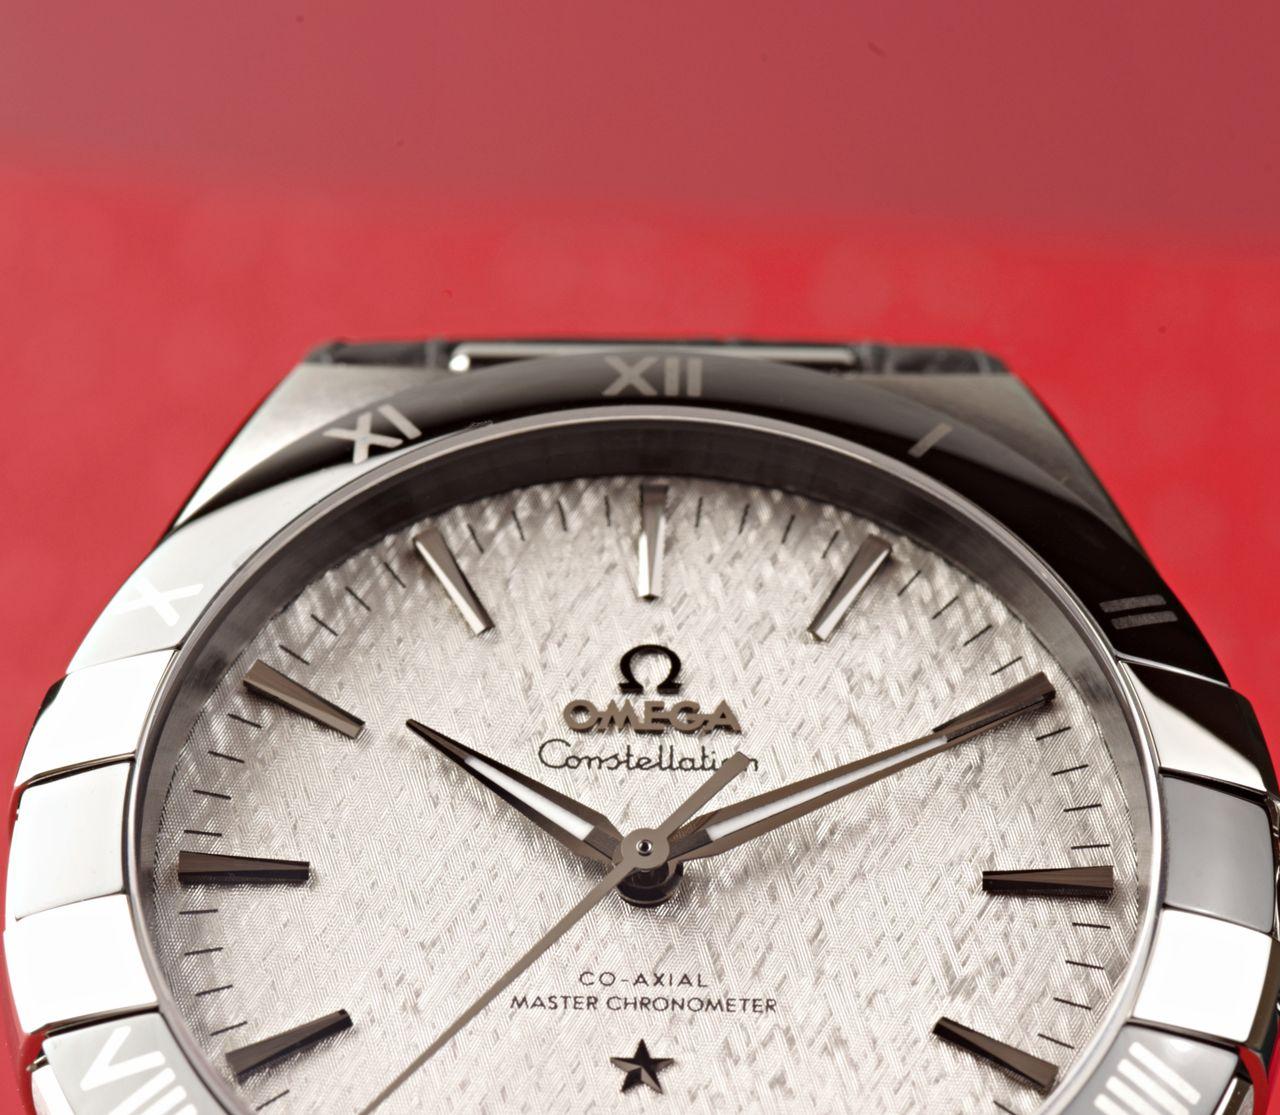 Omega Constellation Co-Axial Master Chronometer 41 mm - szép élmény elveszni a számlap textúrájában / Fotó: Venicz Áron